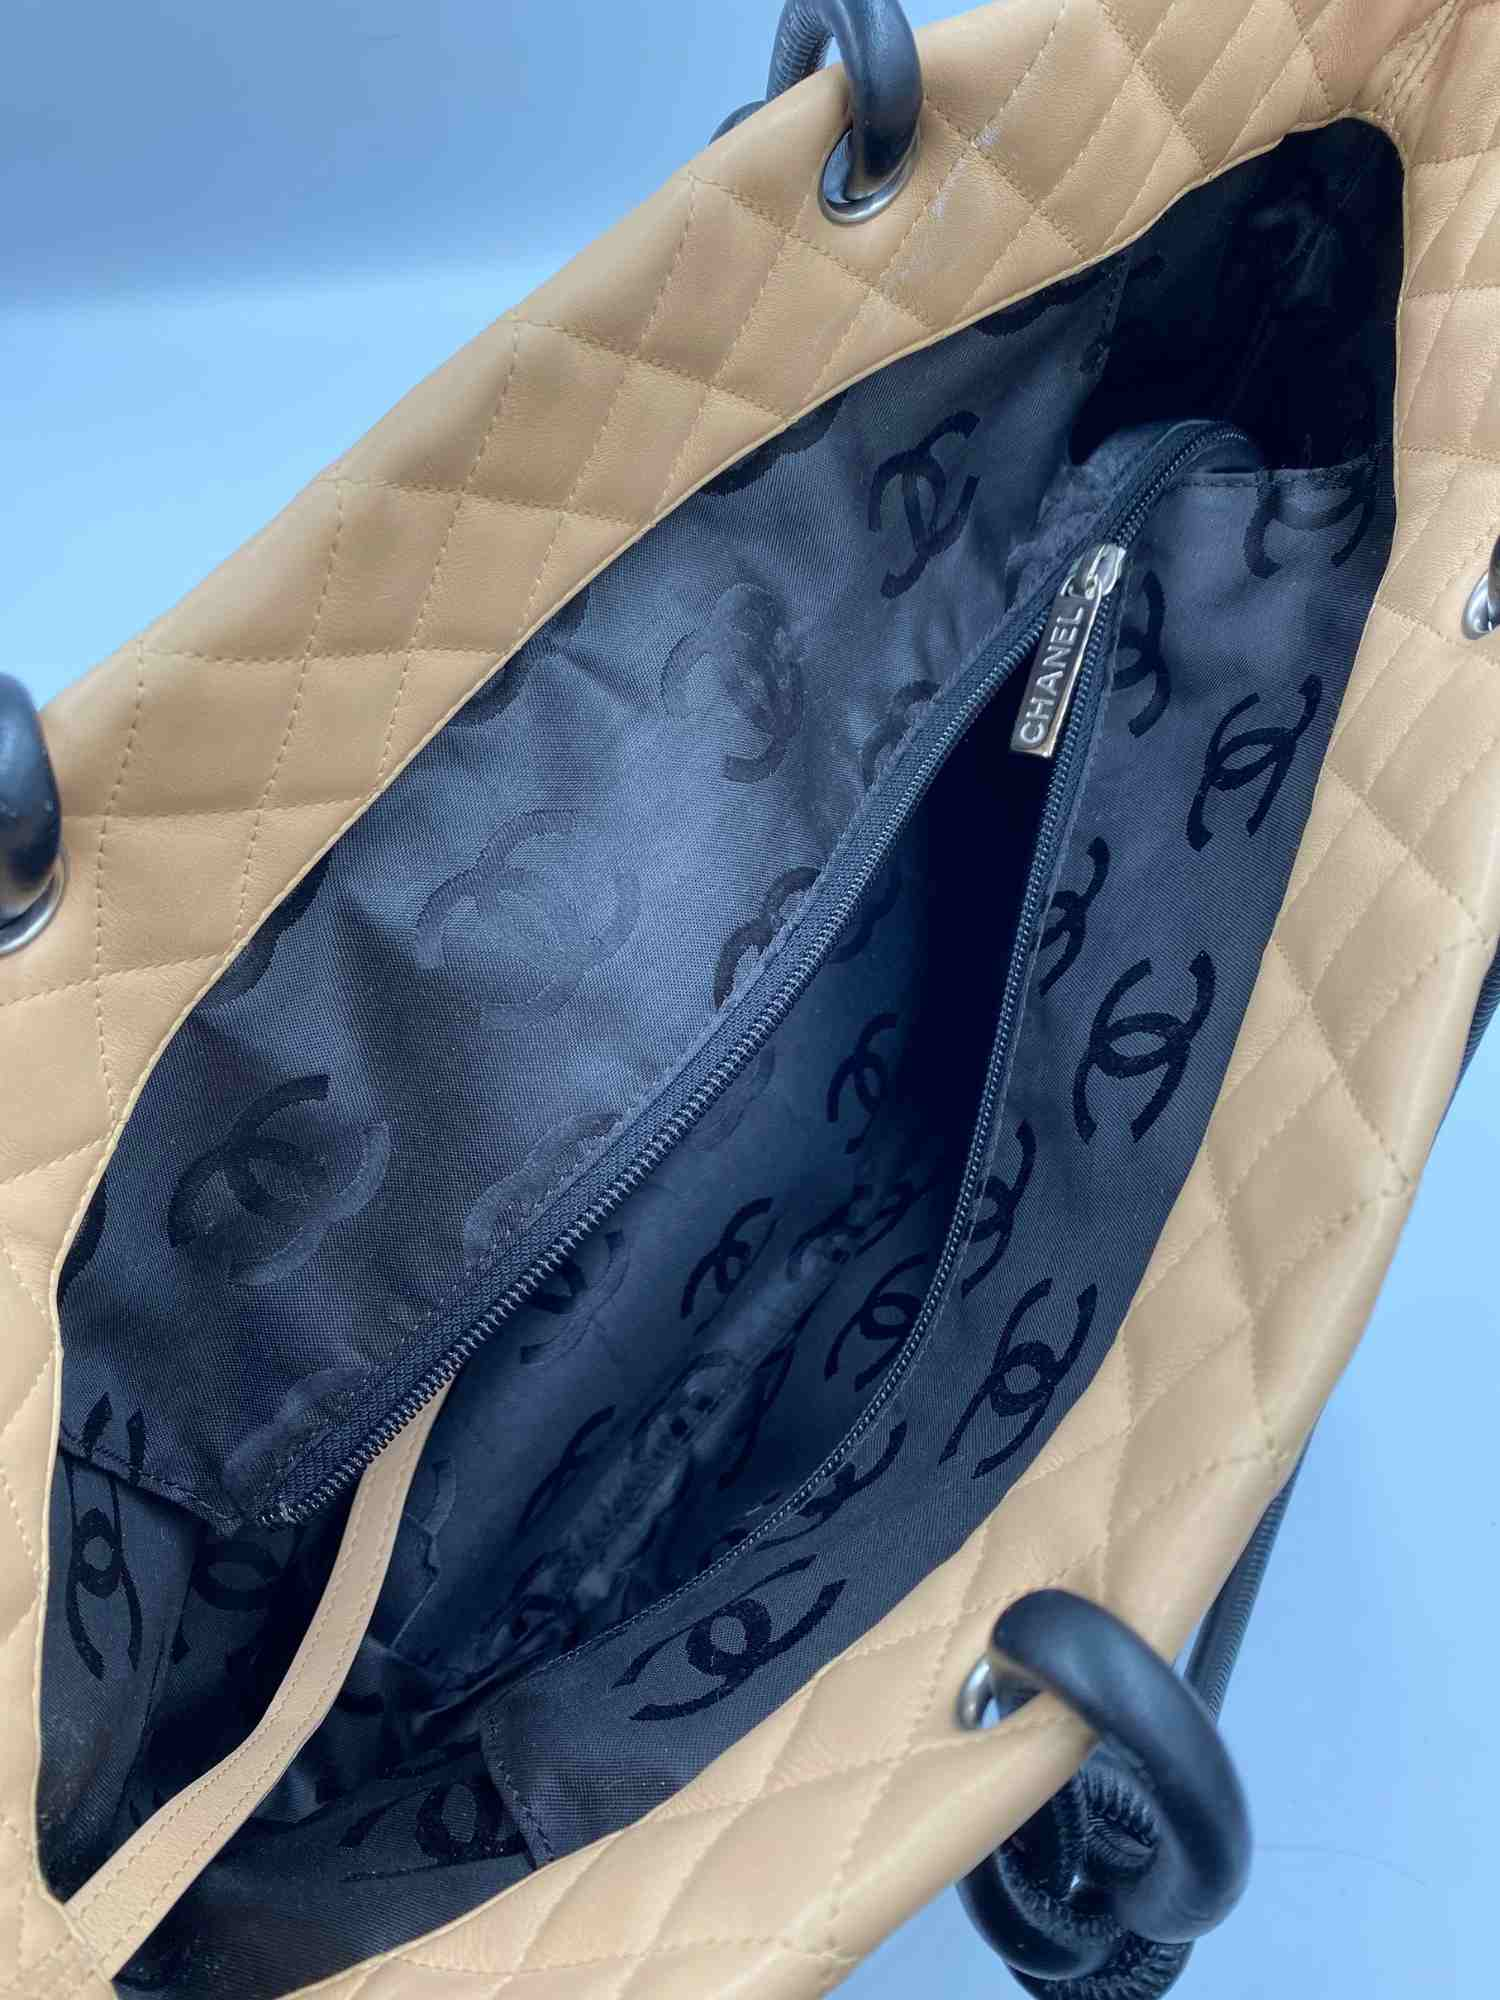 Bolsa Chanel Cambon Tote Bicolor